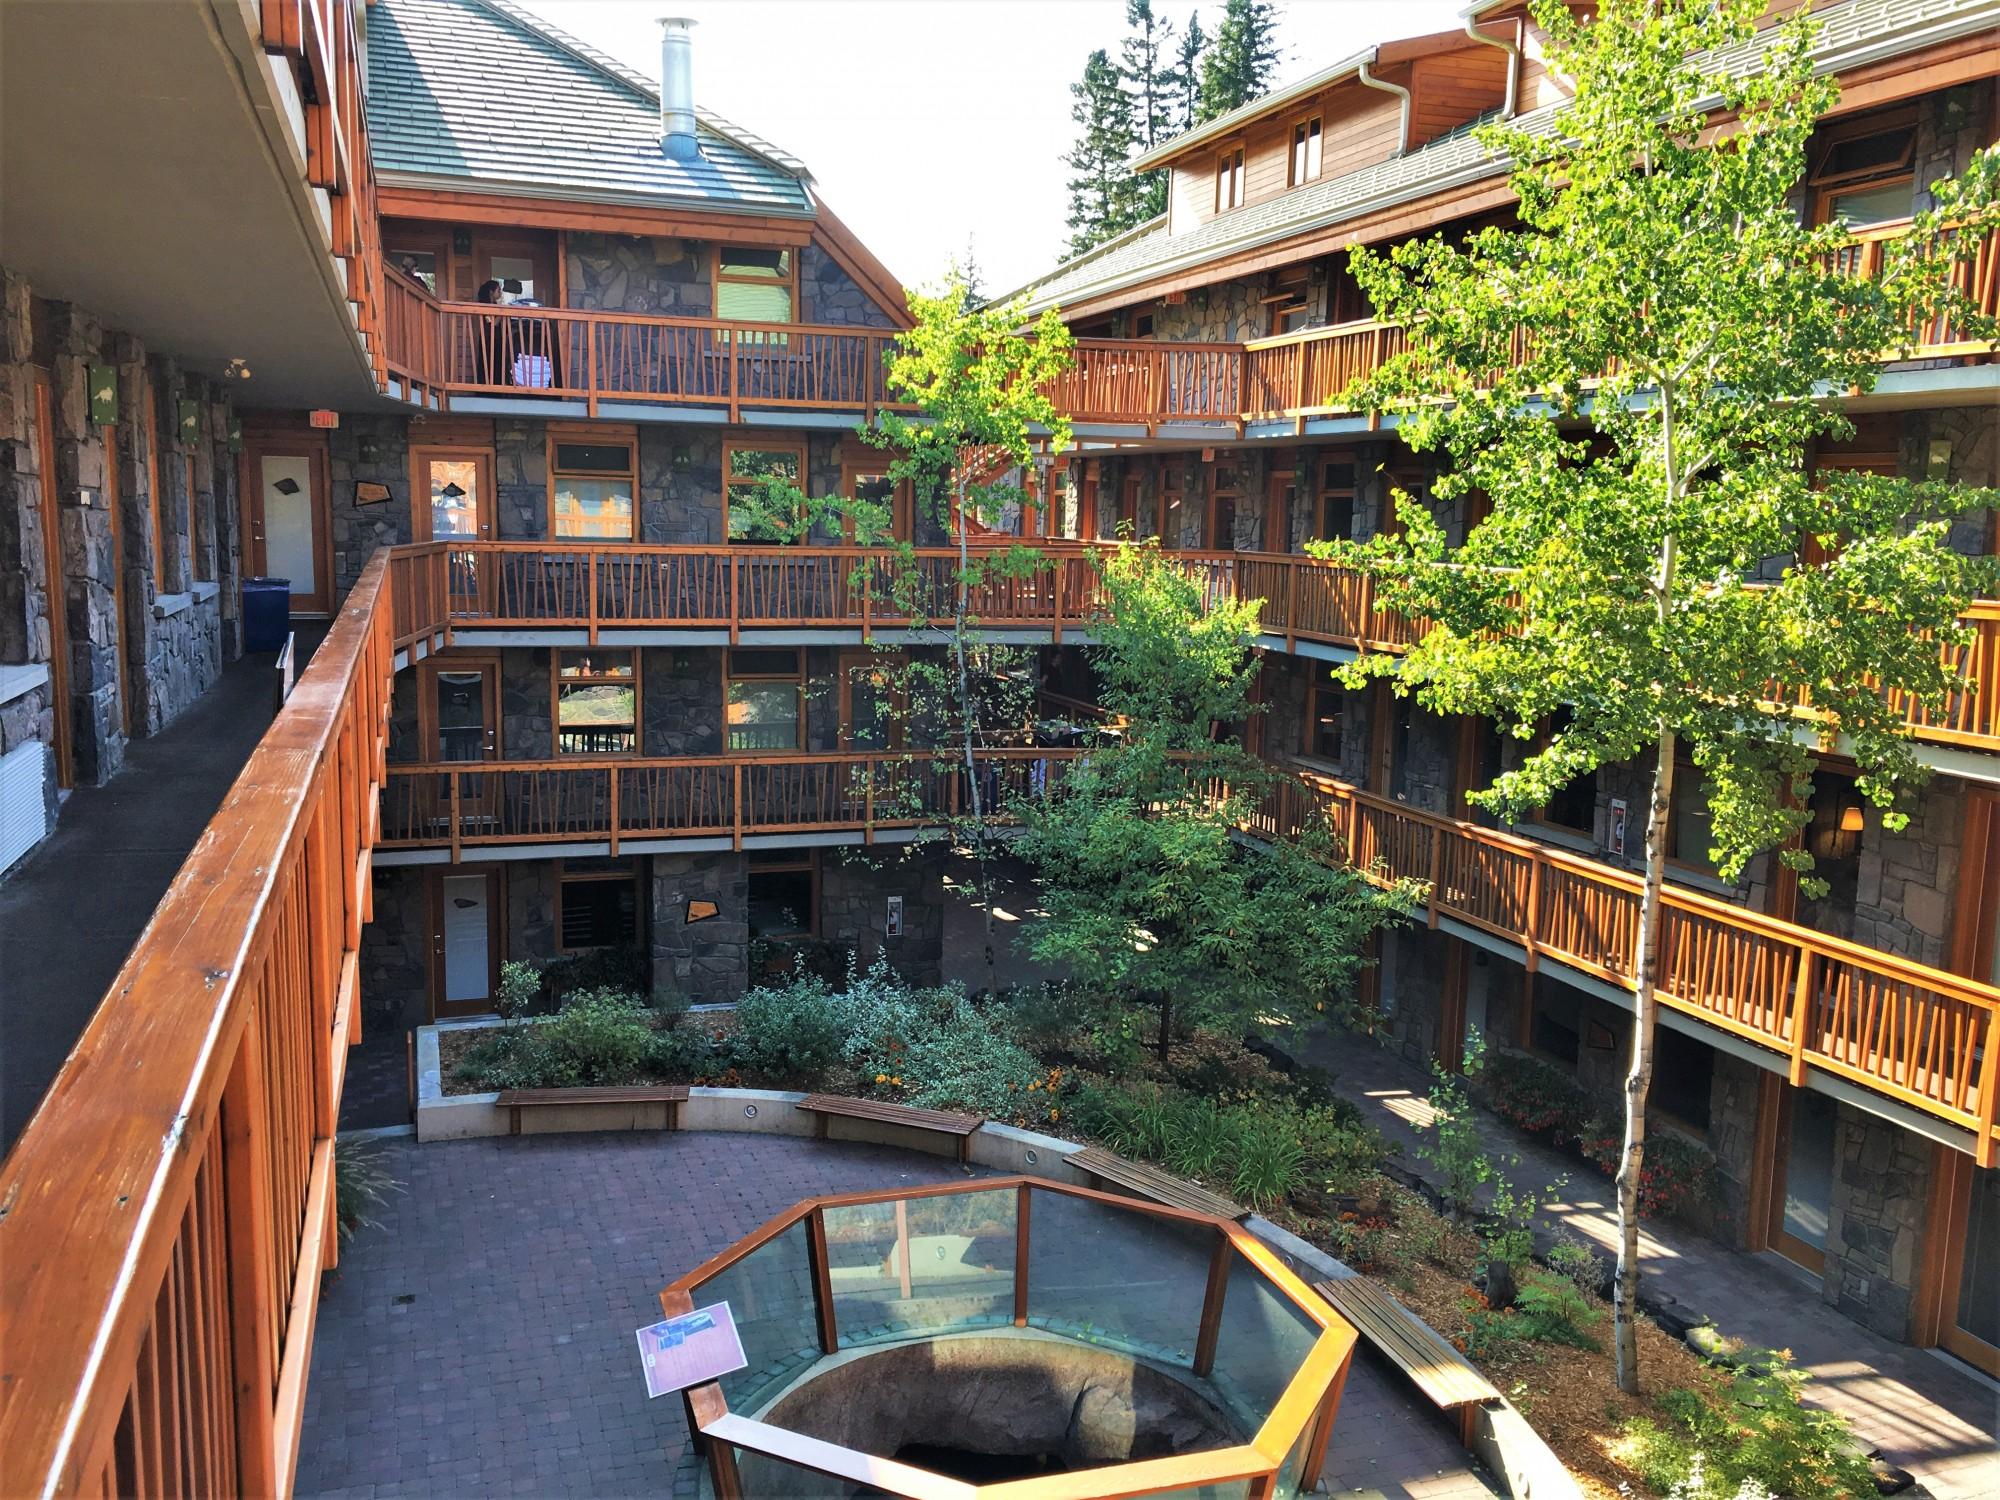 The Fox Hotel Banff